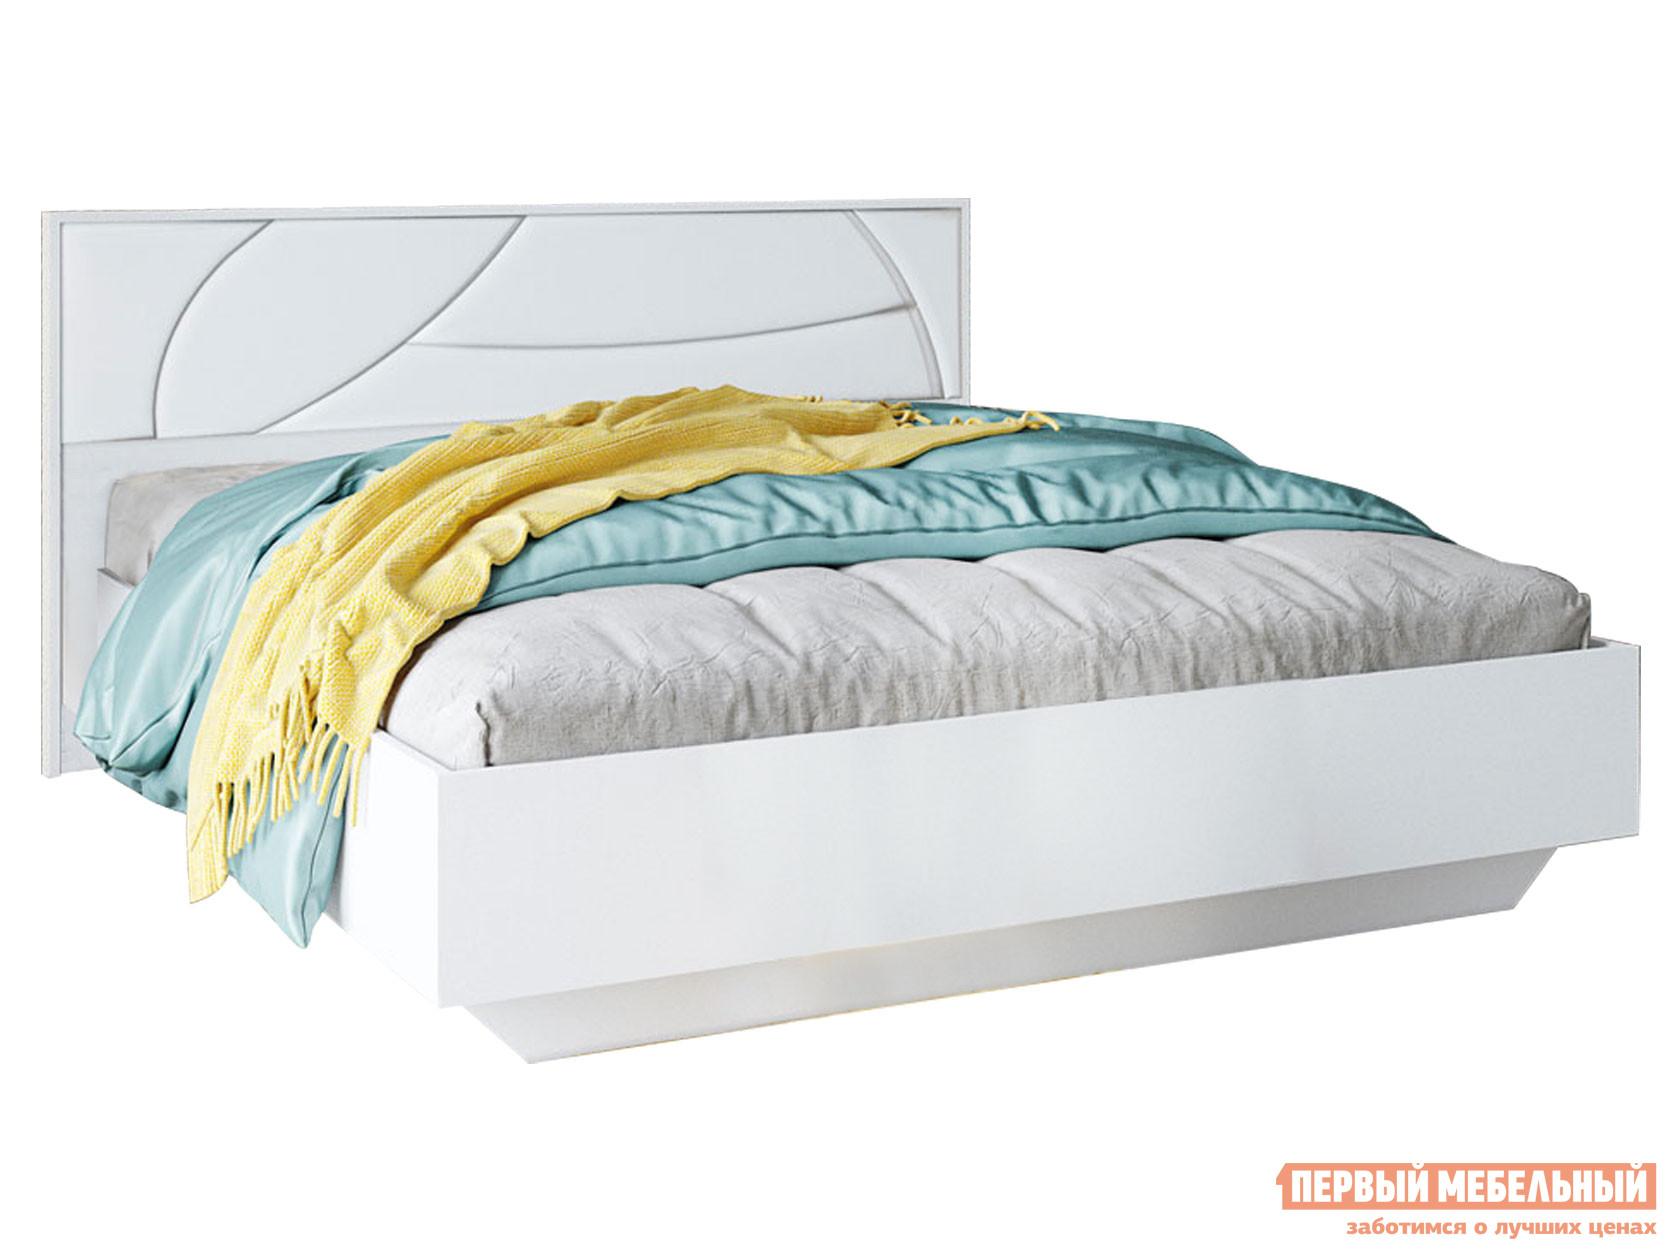 Двуспальная кровать  Мирти Люкс Белый шагрень / Белый, экокожа, 160х200 см, С анатомическим основанием